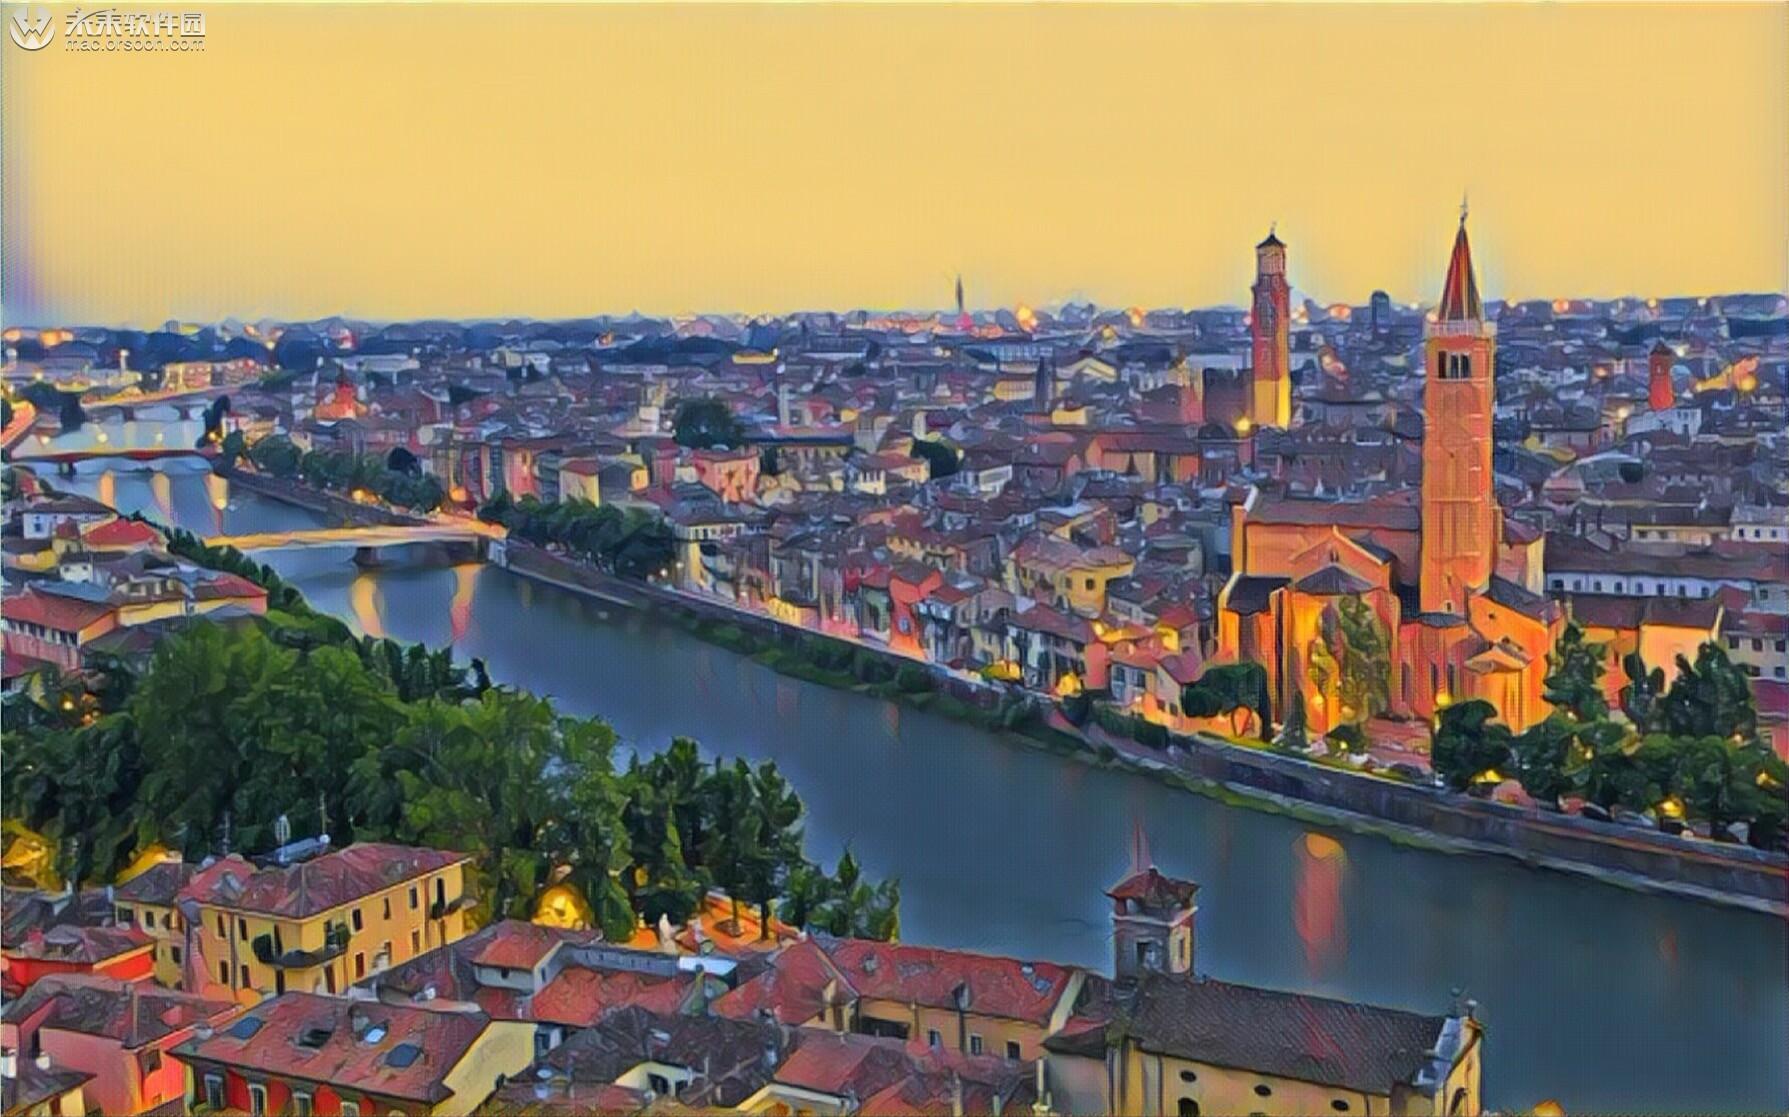 意大利维罗纳城市油画高清Mac动态壁纸